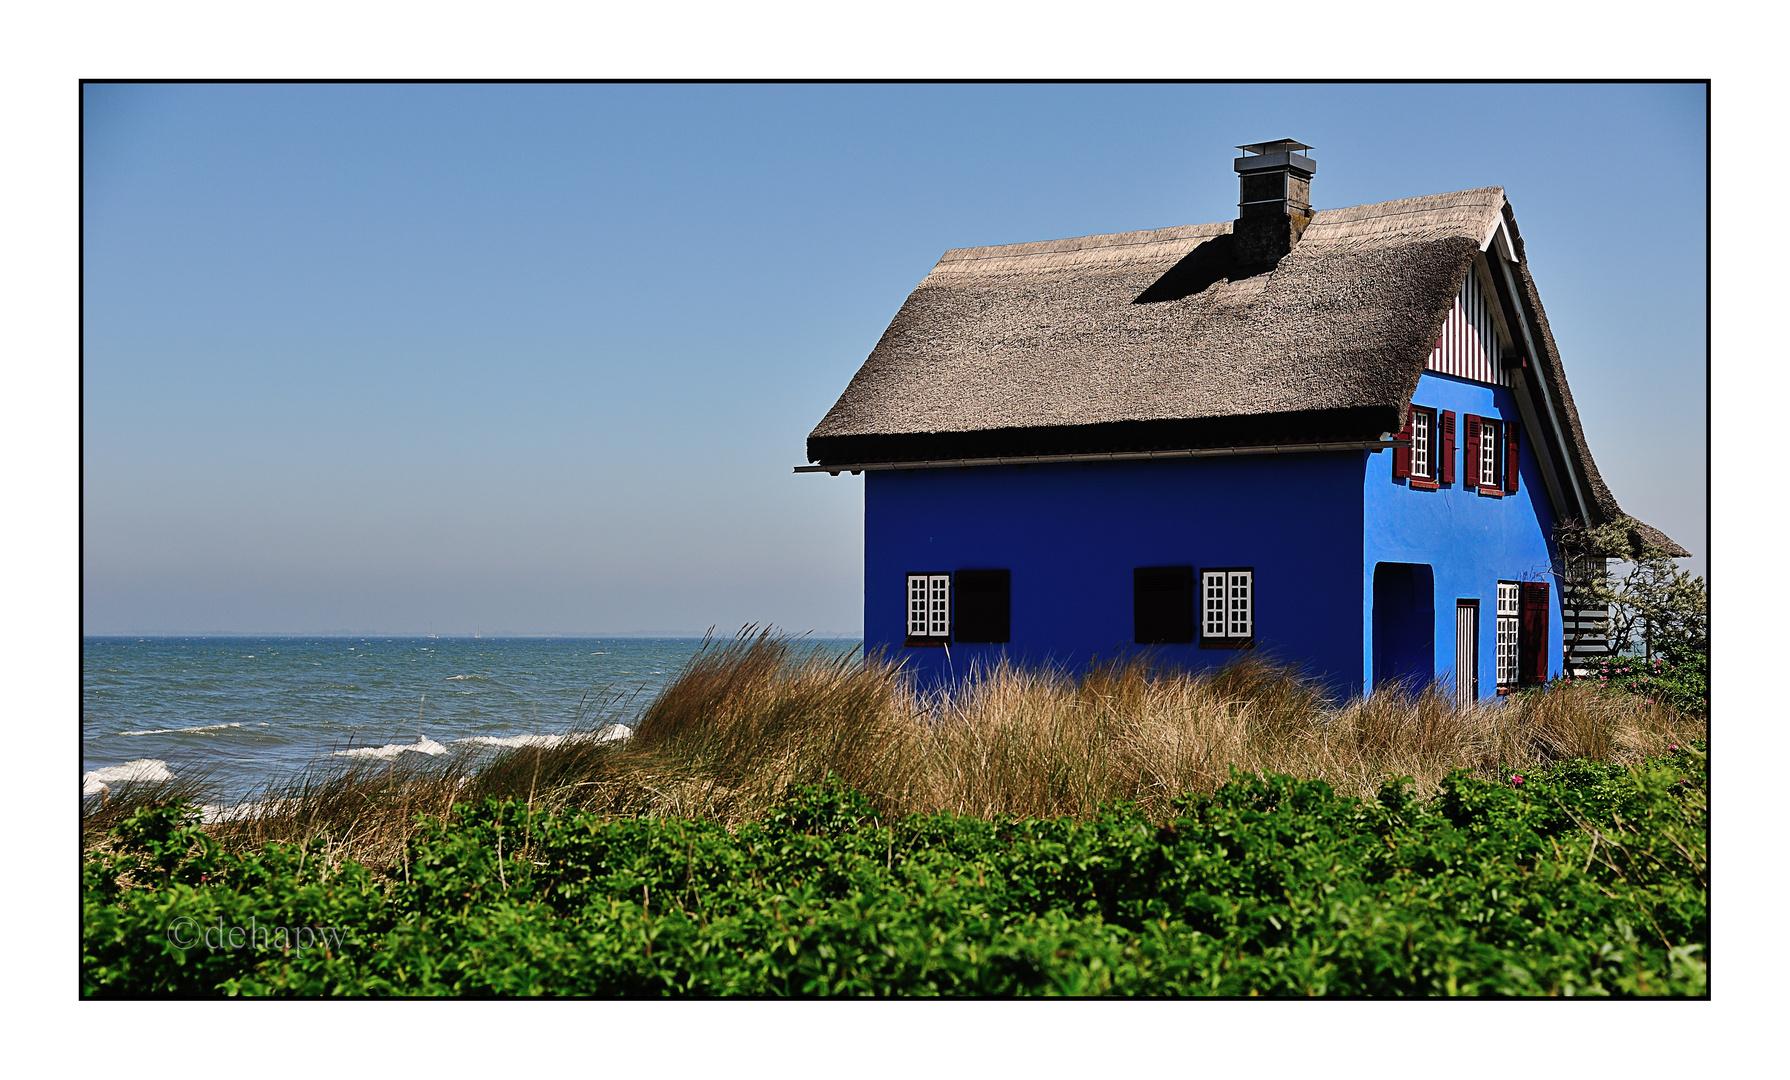 das haus am meer foto bild deutschland europe schleswig holstein bilder auf fotocommunity. Black Bedroom Furniture Sets. Home Design Ideas